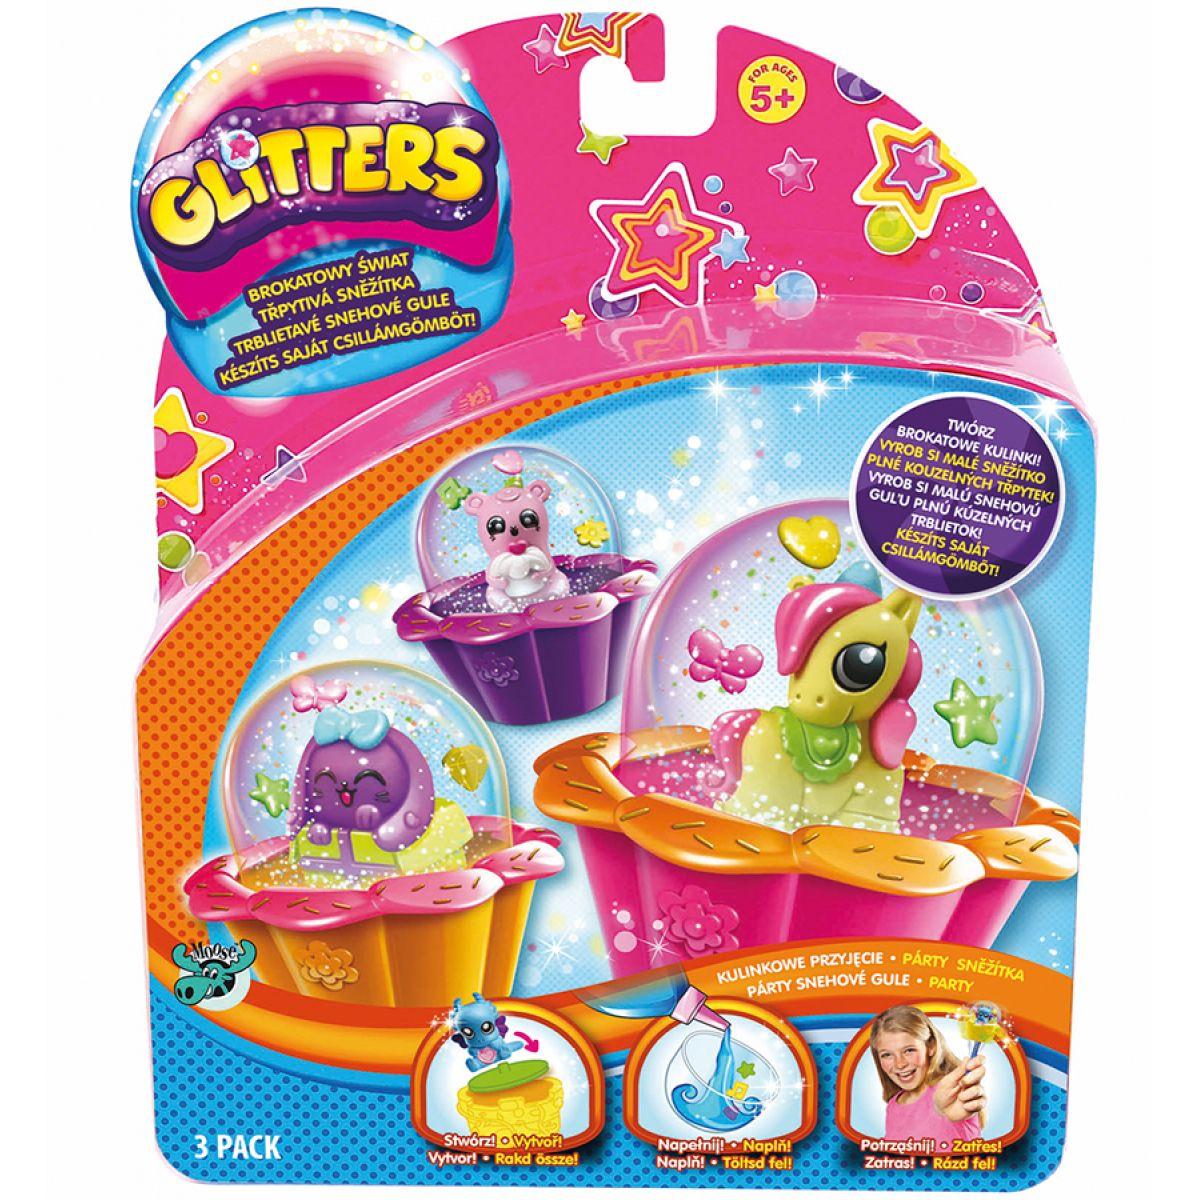 Glitters třpytivá sněžítka 3-pack - Párty sněžítka